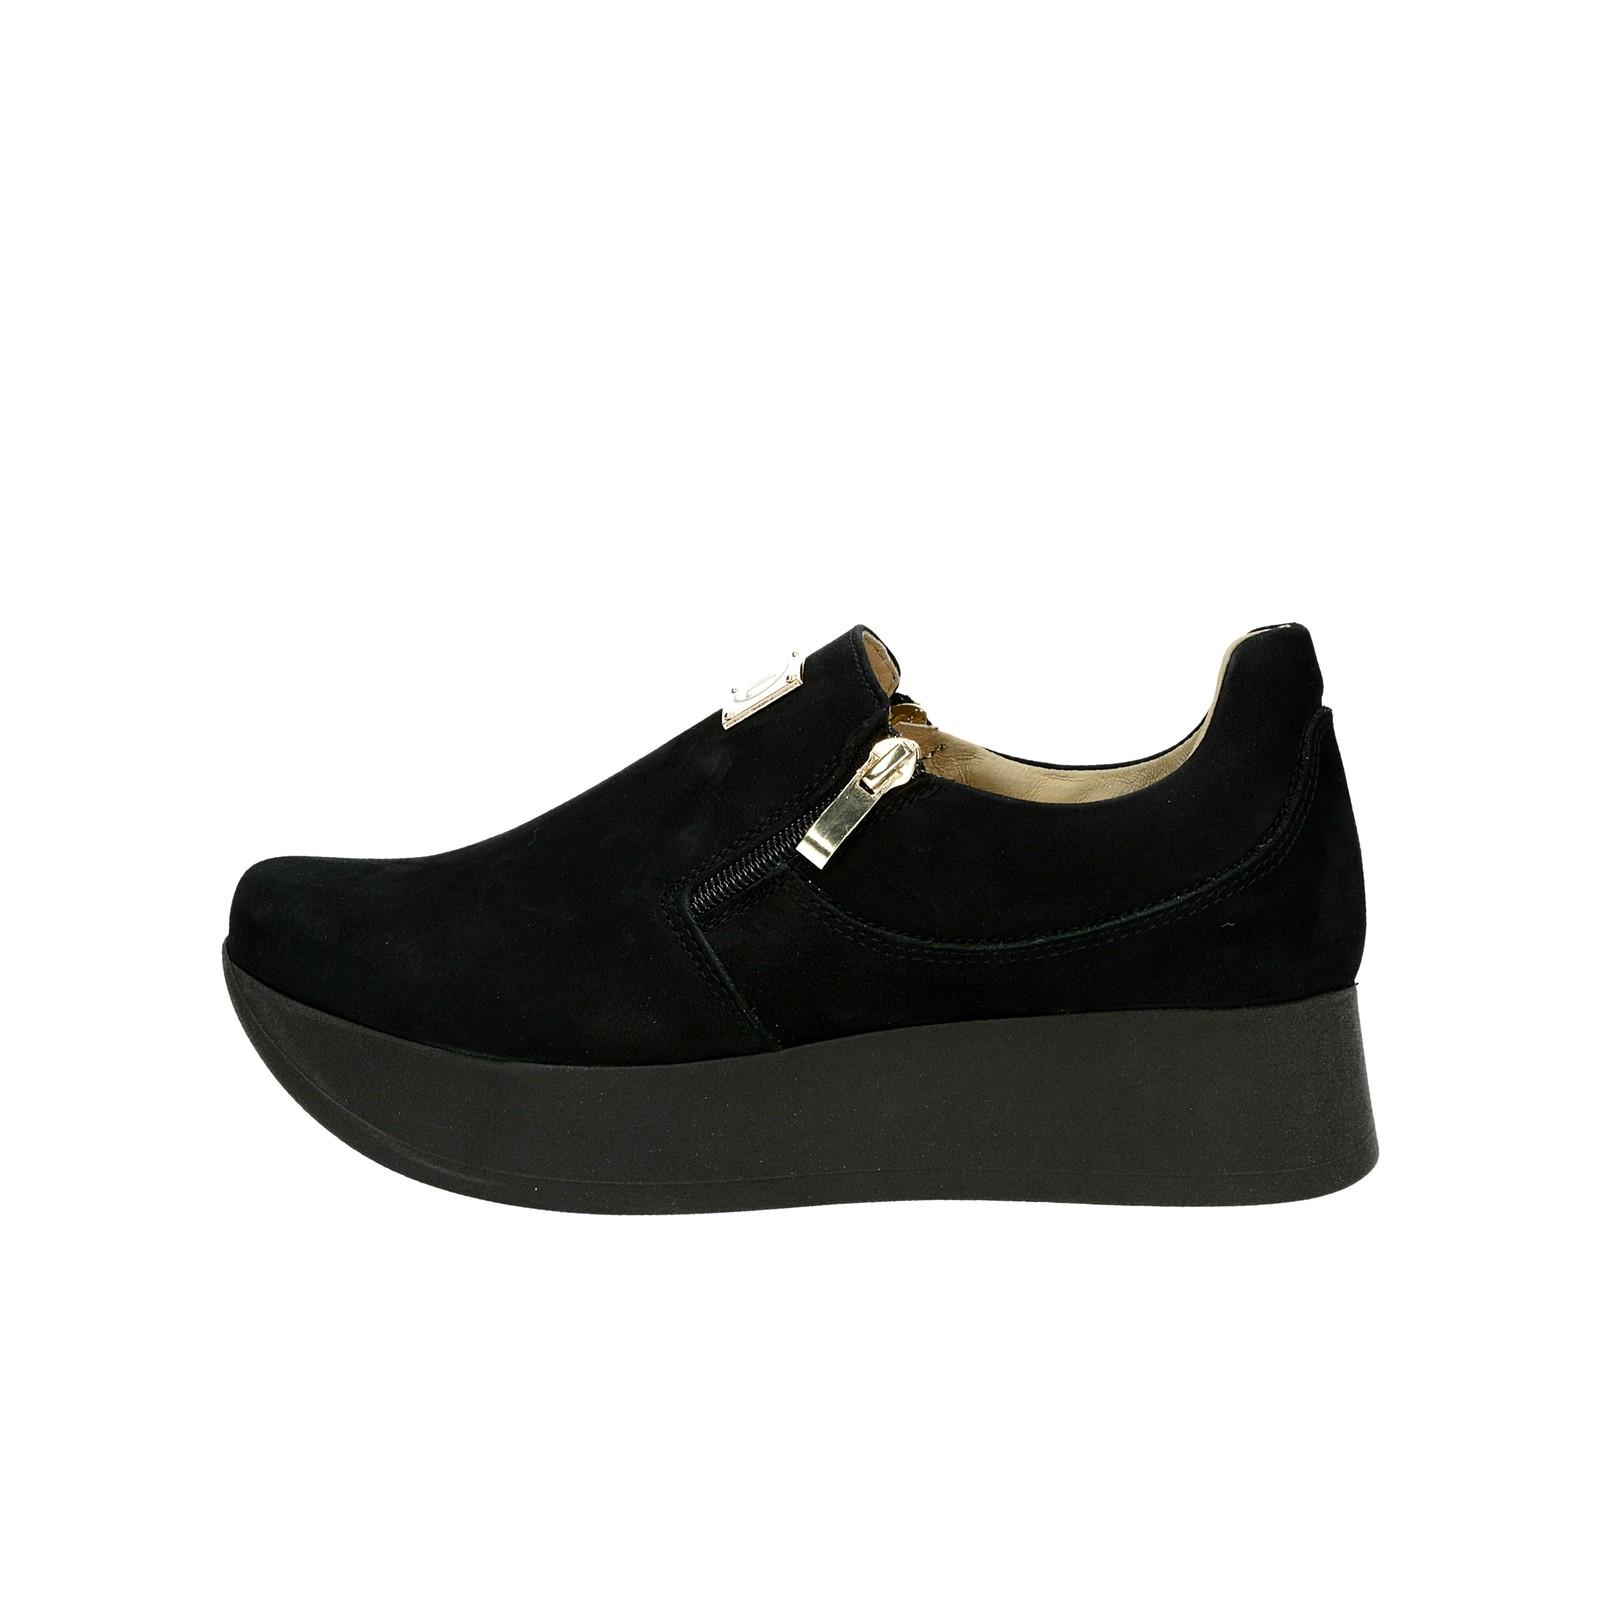 2a40a746f5 ... Olivia shoes dámske nubukové poltopánky na platforme - čierne ...